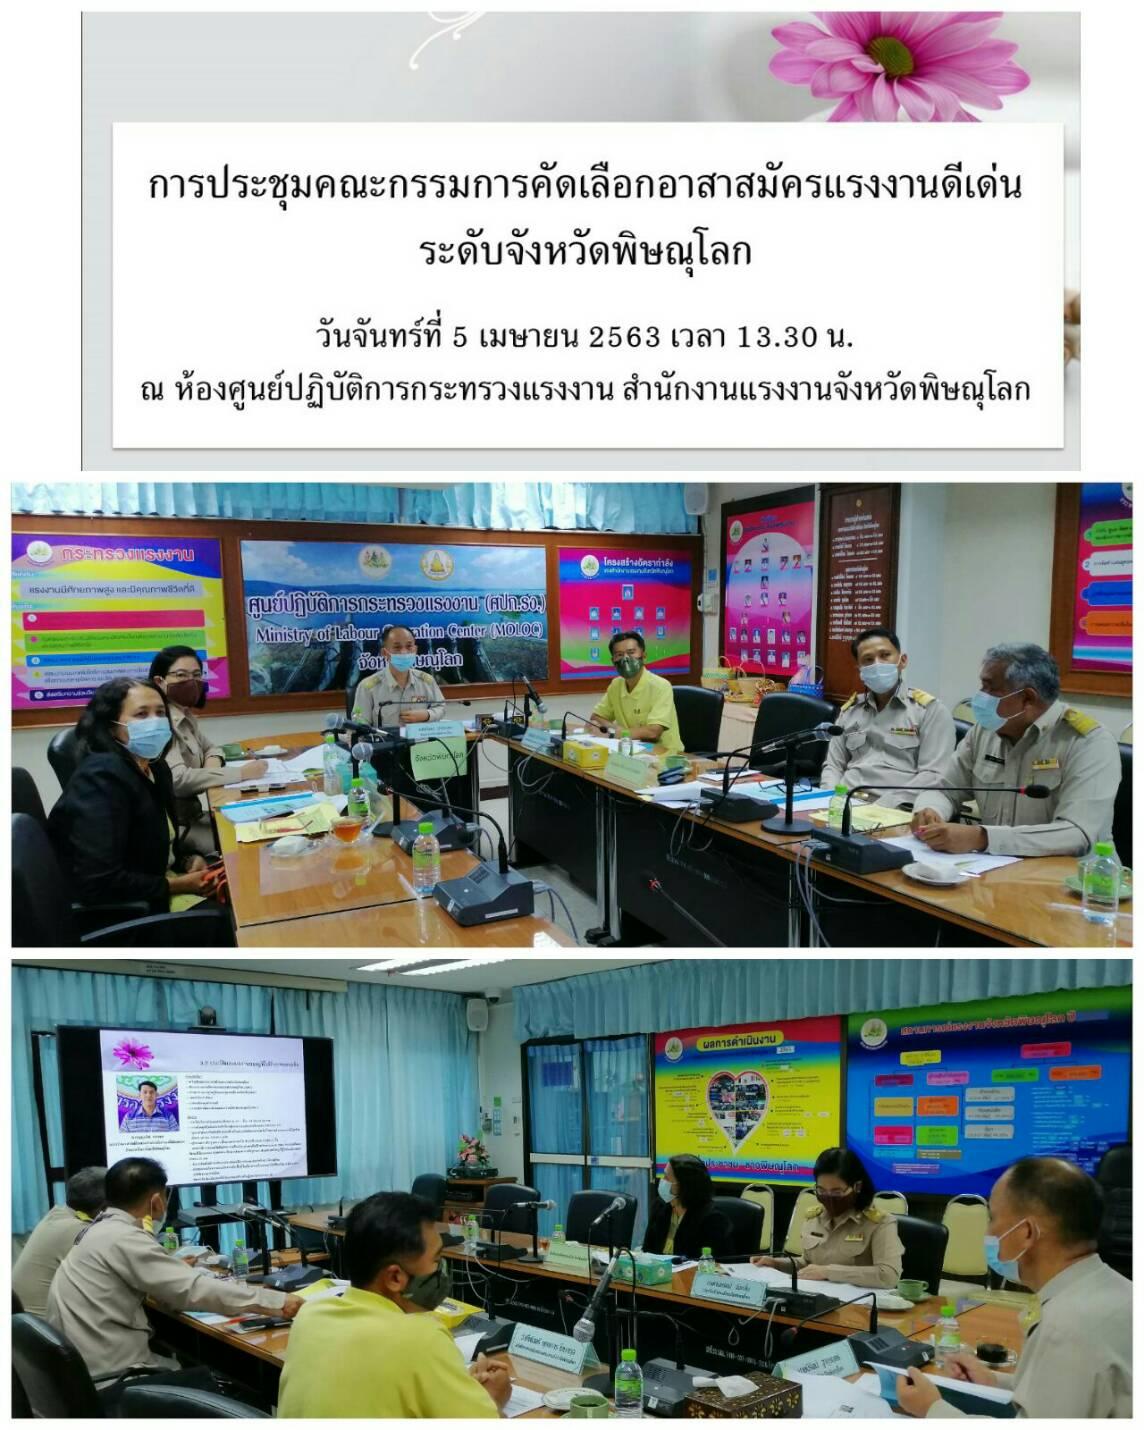 สำนักงานแรงงานจังหวัดพิษณุโลก จัดประชุมคณะกรรมการคัดเลือกอาสาสมัครแรงงานดีเด่นระดับจังหวัด ประจำปีงบประมาณ พ.ศ. 2564